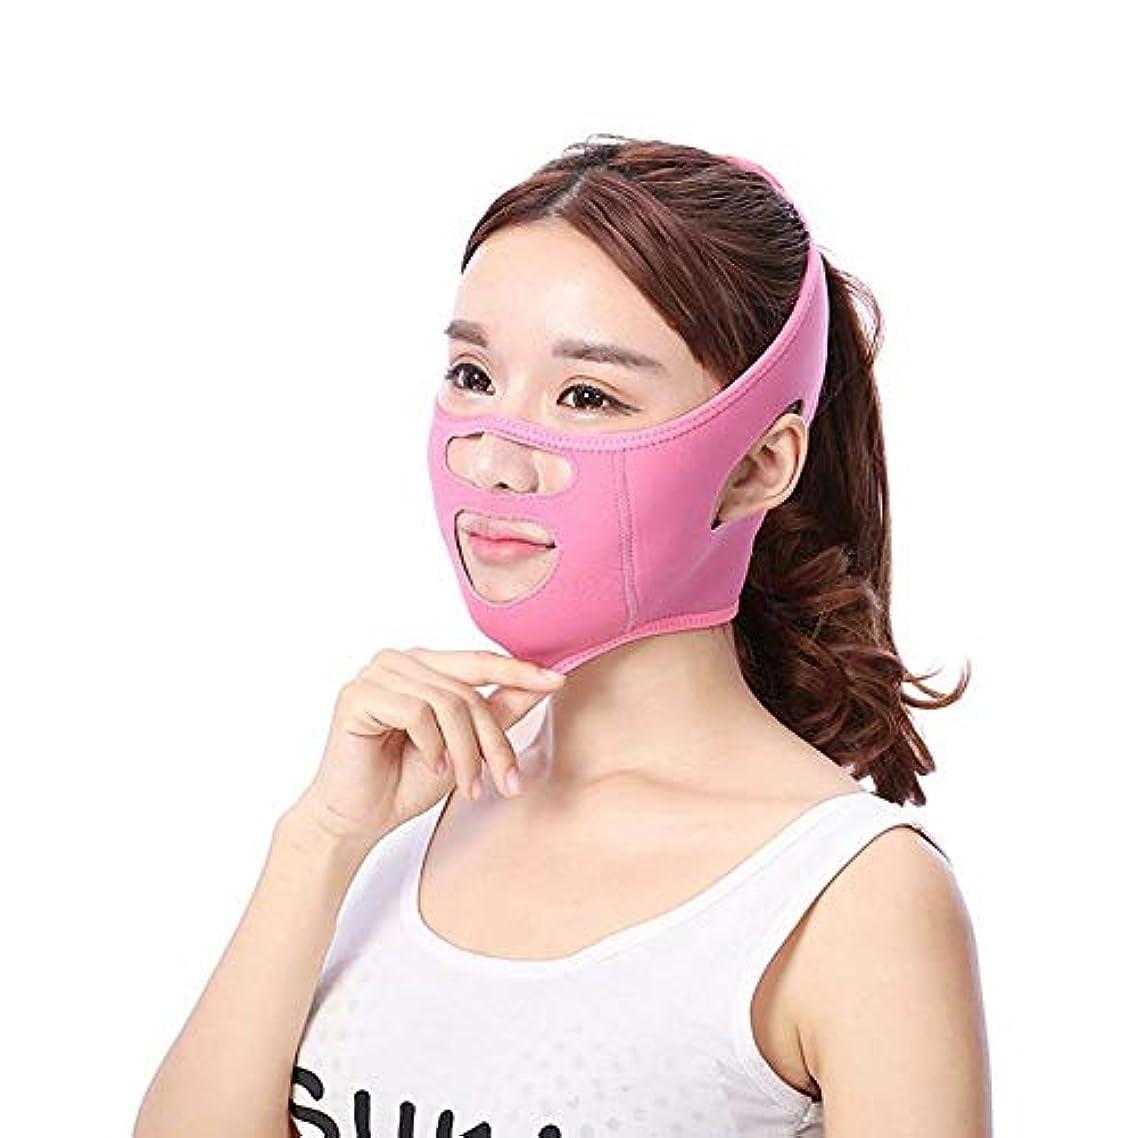 高める含めるキルスMinmin シンフェイスアーティファクトリフティング引き締めフェイス睡眠包帯フェイシャルリフティングアンチ垂れ下がり法律パターンステッカー8ワード口角 - ピンク みんみんVラインフェイスマスク